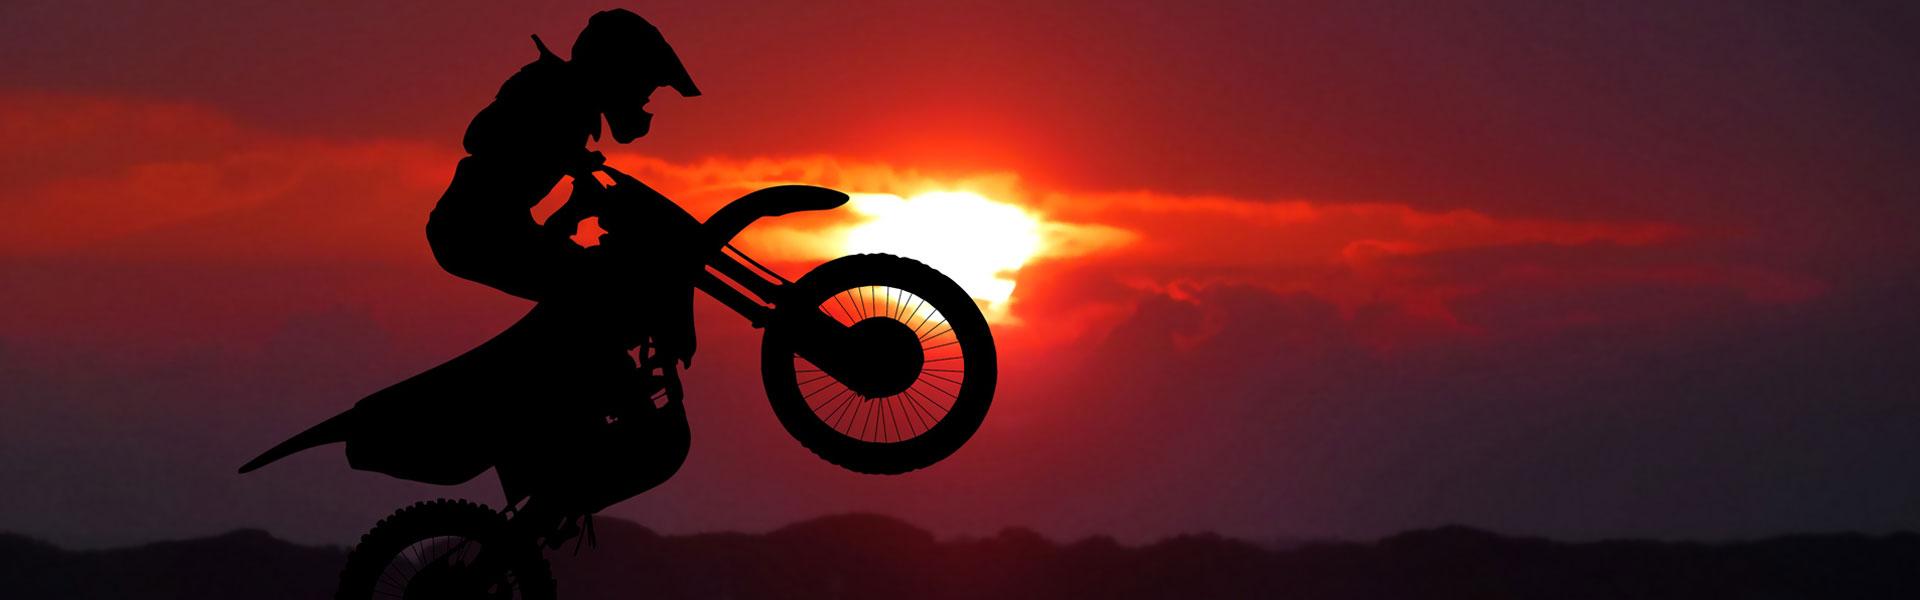 Un nouveau décret sonne l'annulation des épreuves moto